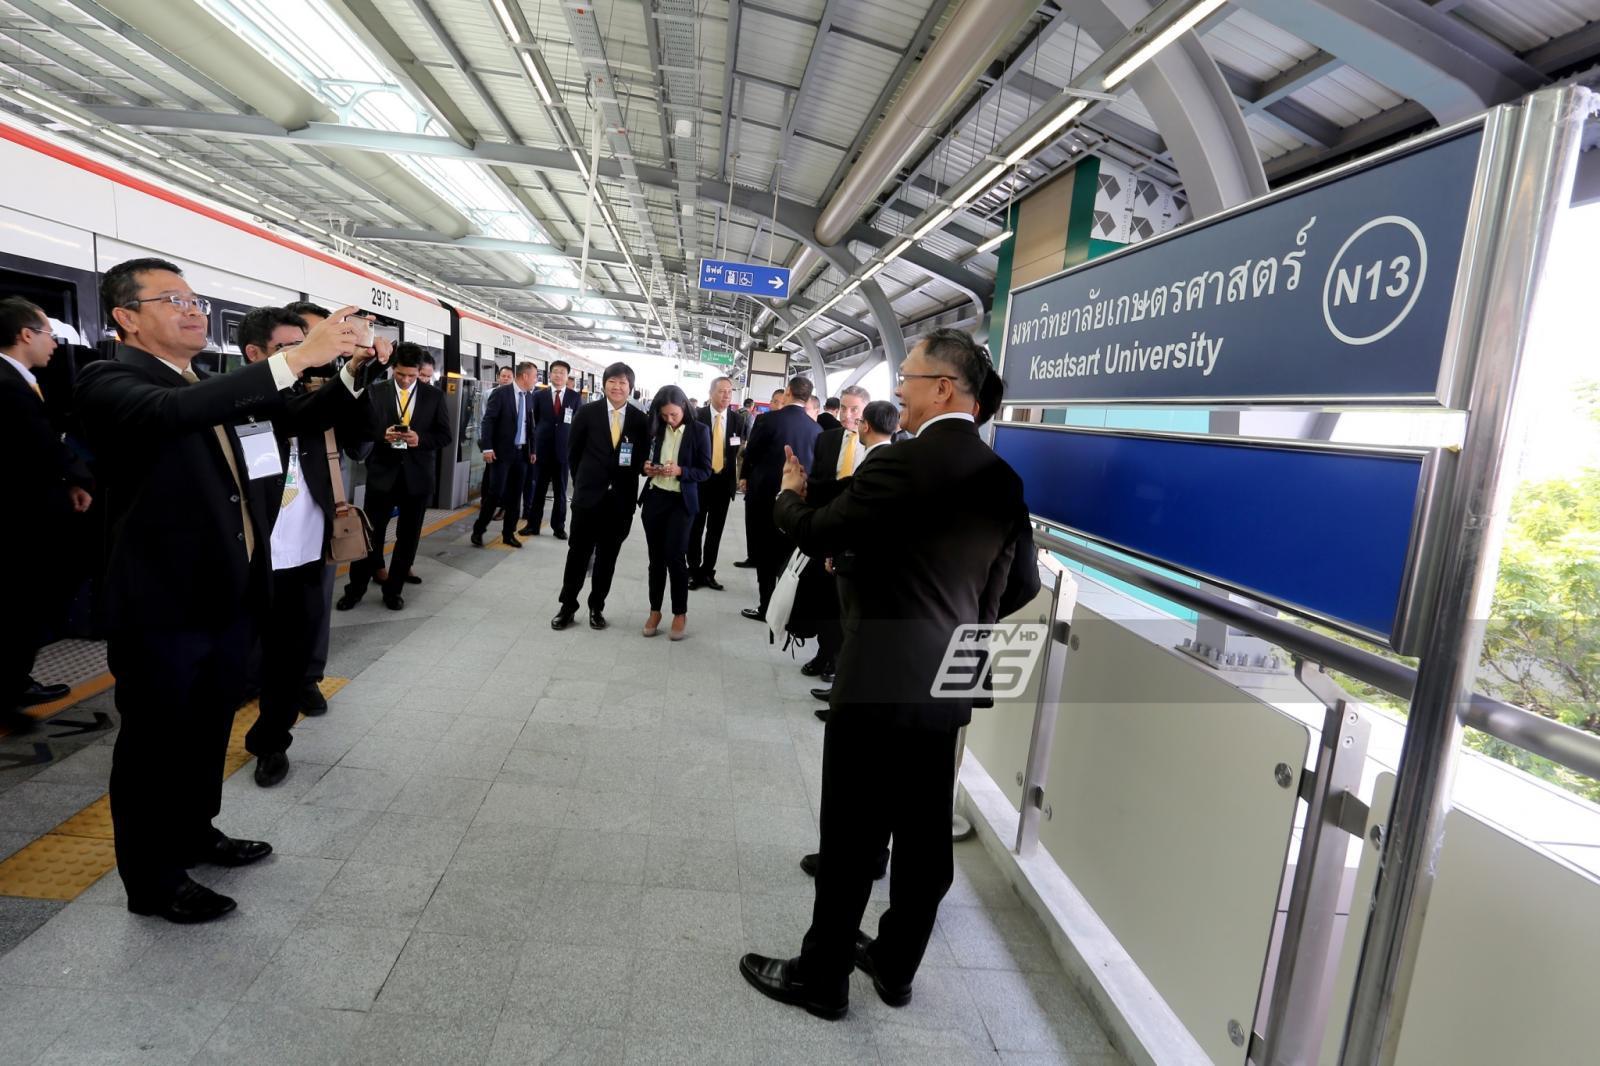 นายกฯ เปิดทดลองเดินรถไฟฟ้าสายสีเขียวเพิ่ม 4 สถานี ชี้ถือเป็นผลงานช่วง 5 ปี